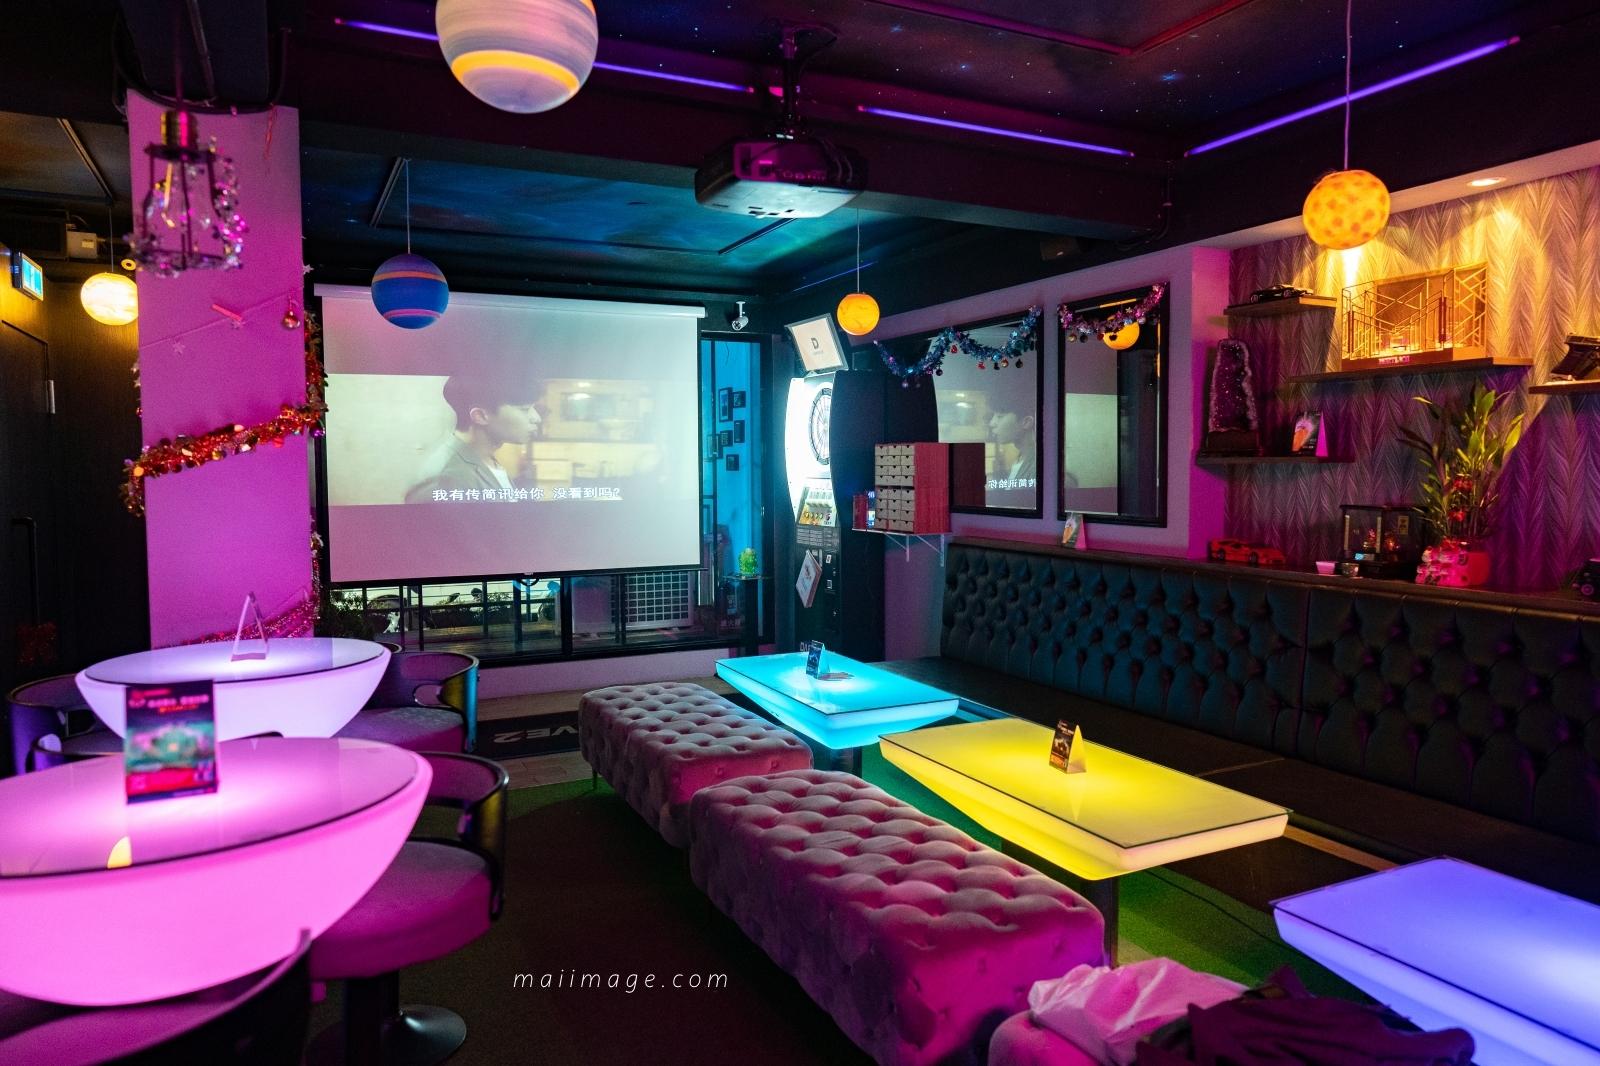 越夜越美麗,隱藏在公園旁的隱密酒吧~台北大安區隱藏版酒吧推薦!!滿滿星空的氣氛酒吧就在『Métis Hookah & Darts Lounge Bar』。捷運安和站酒吧